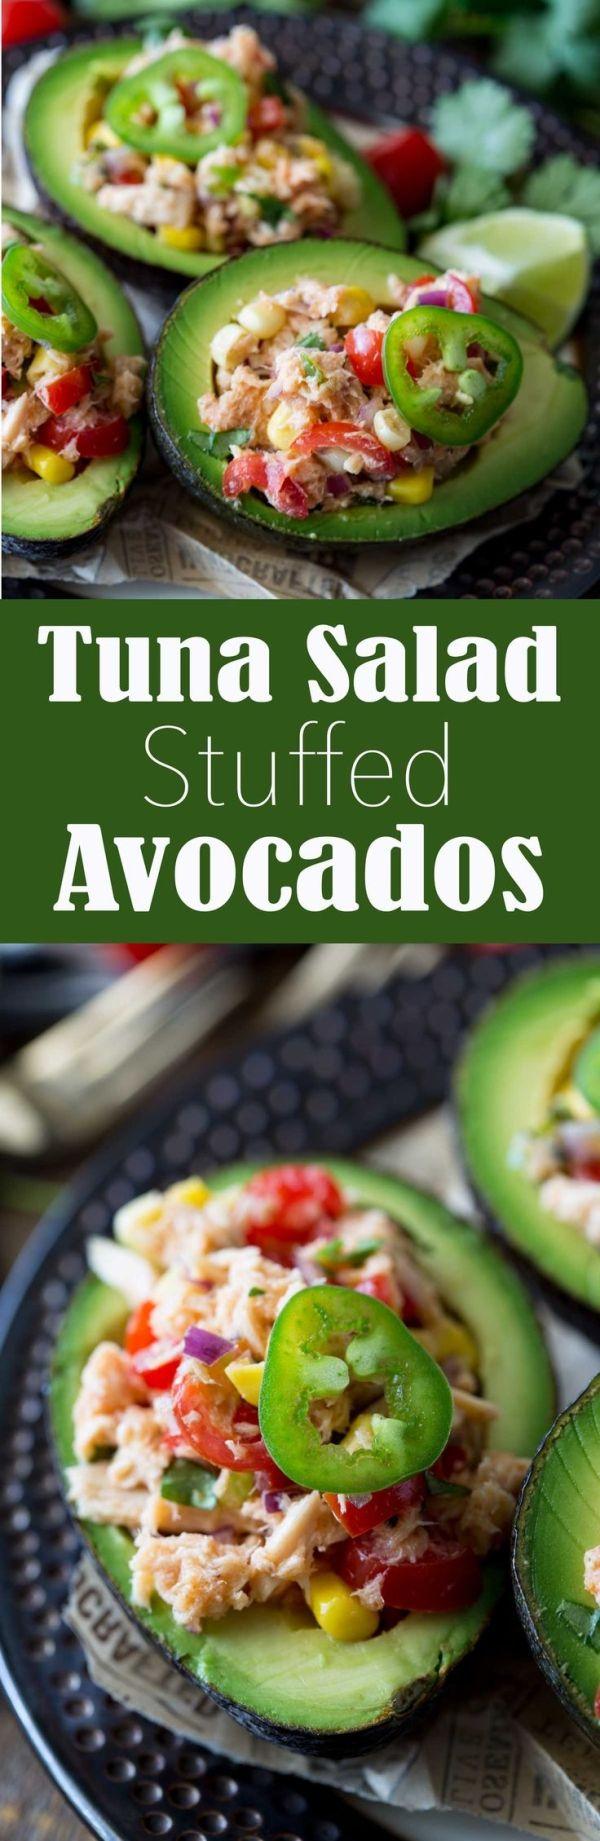 Длинноперого тунца салат из авокадо фаршированные сделать светлый, здоровый, легкий обед, который упакован с ароматом. Этот Техасско-мексиканской вдохновили создание и дразнящие ароматы, и это легко сделать (легче кушать), вариант обеда или полдника! Текс Мекс салат из тунца, фаршированные авокадо - что eazy Peazy Mealz на Корина